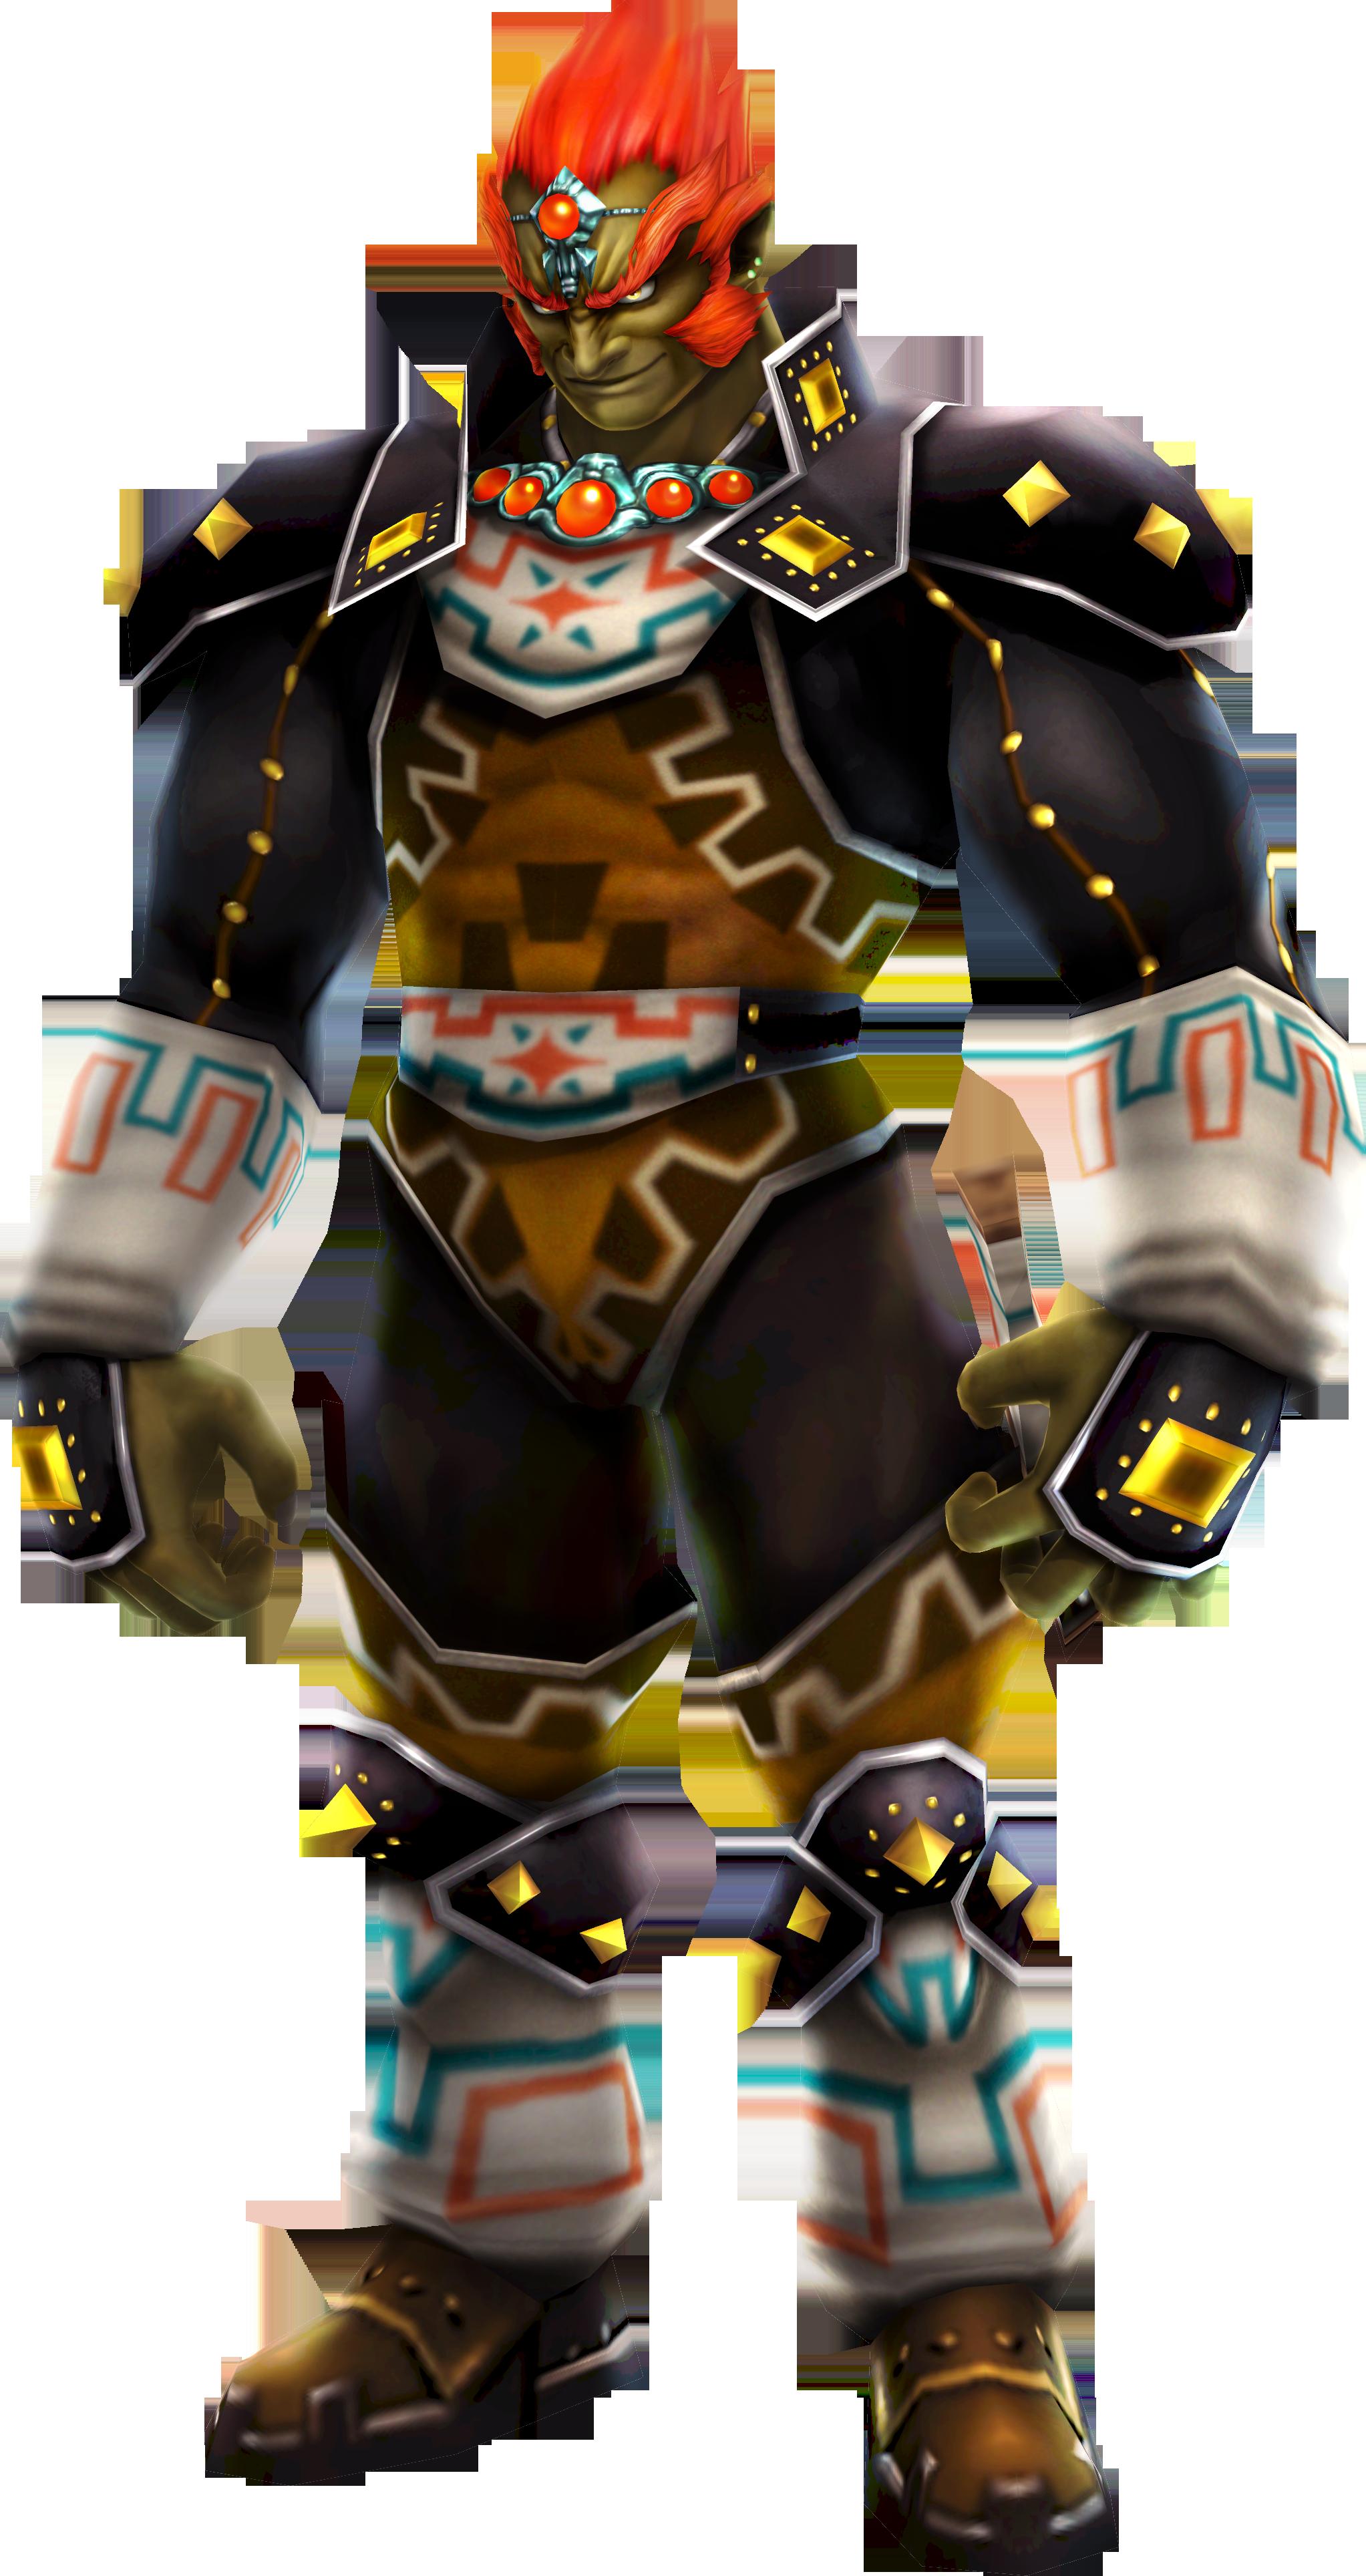 Hw Ganondorf Oot Costume The Legend Of Zelda Know Your Meme